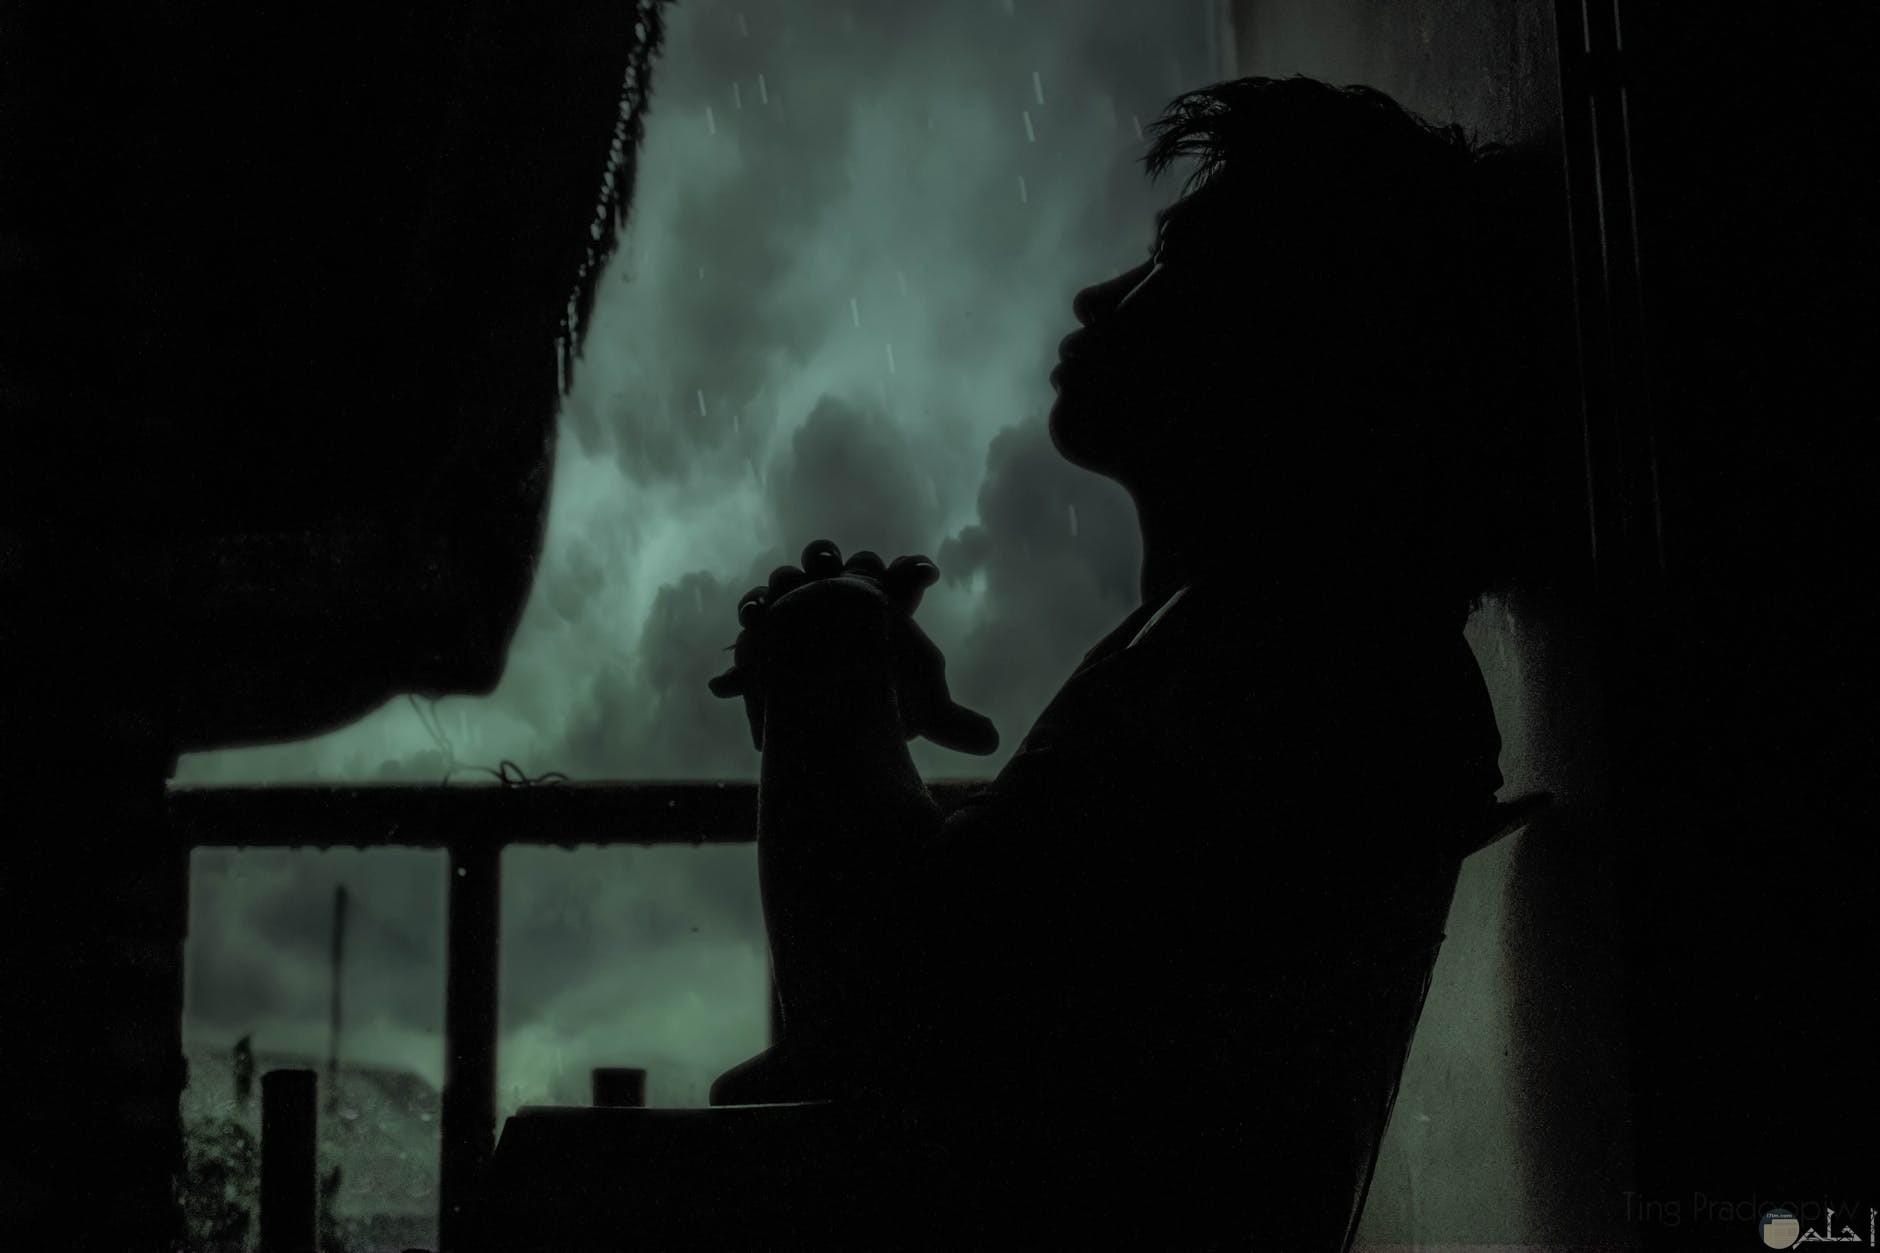 صورة شخص جالس يفكر في الظلام بمفرده